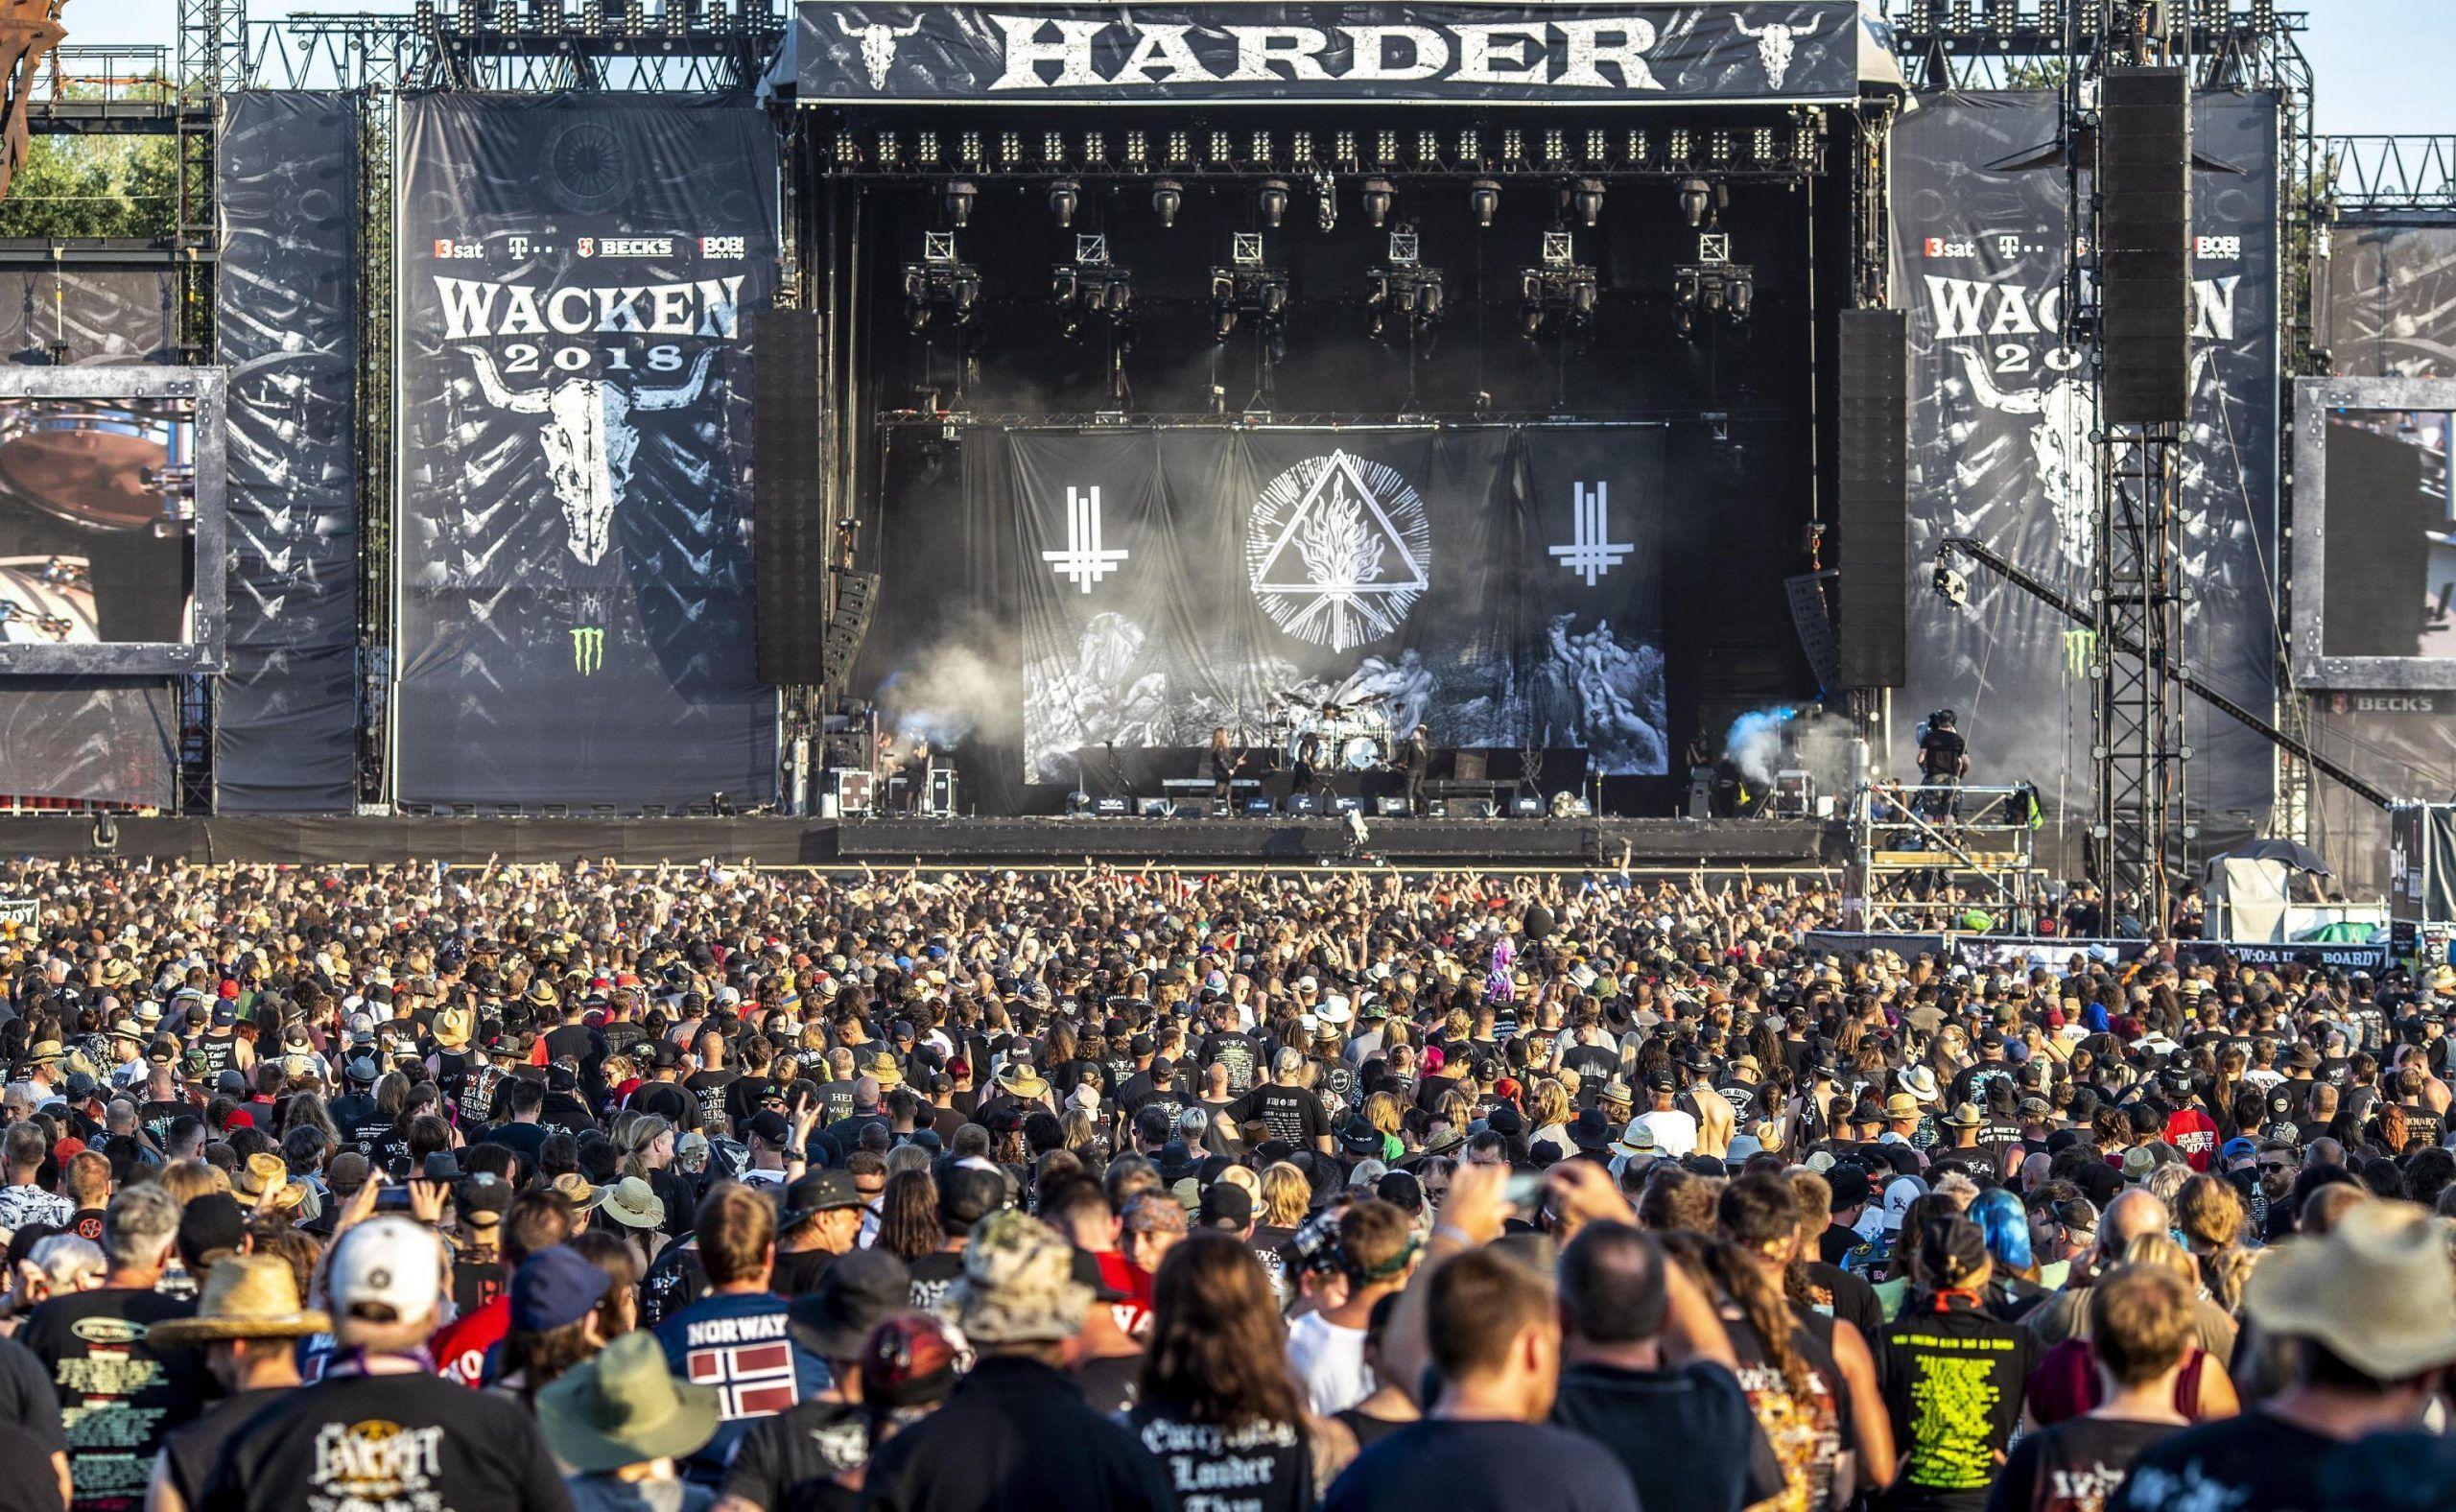 Wacken Open Air festival 2018